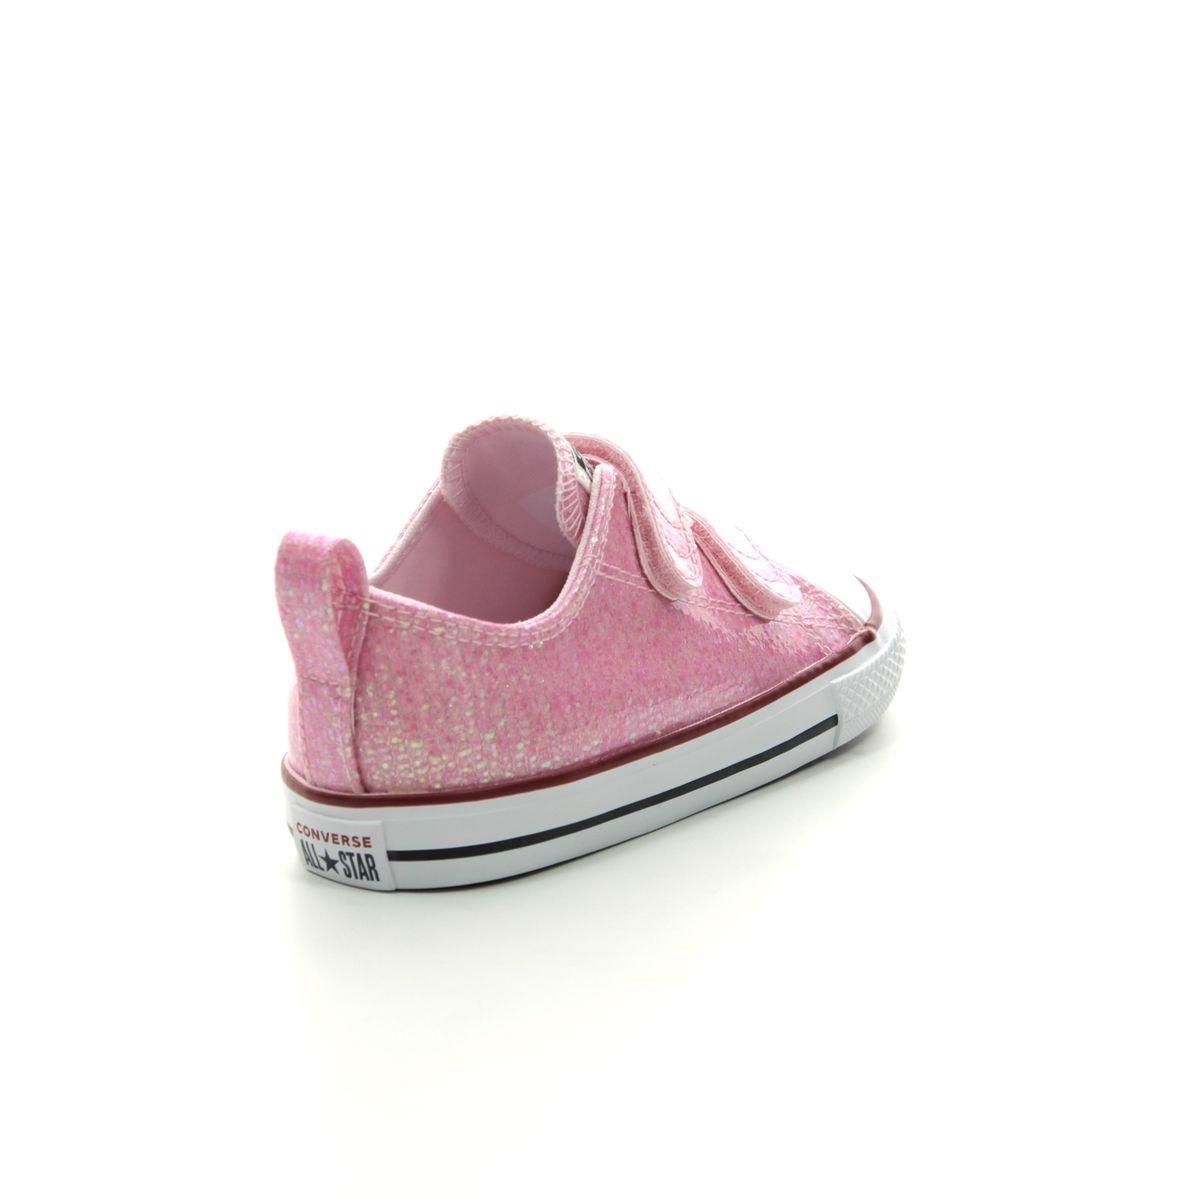 Converse Trainers - Pink - 763550C ALLSTAR 2V VELCRO e07b115c6a9e4